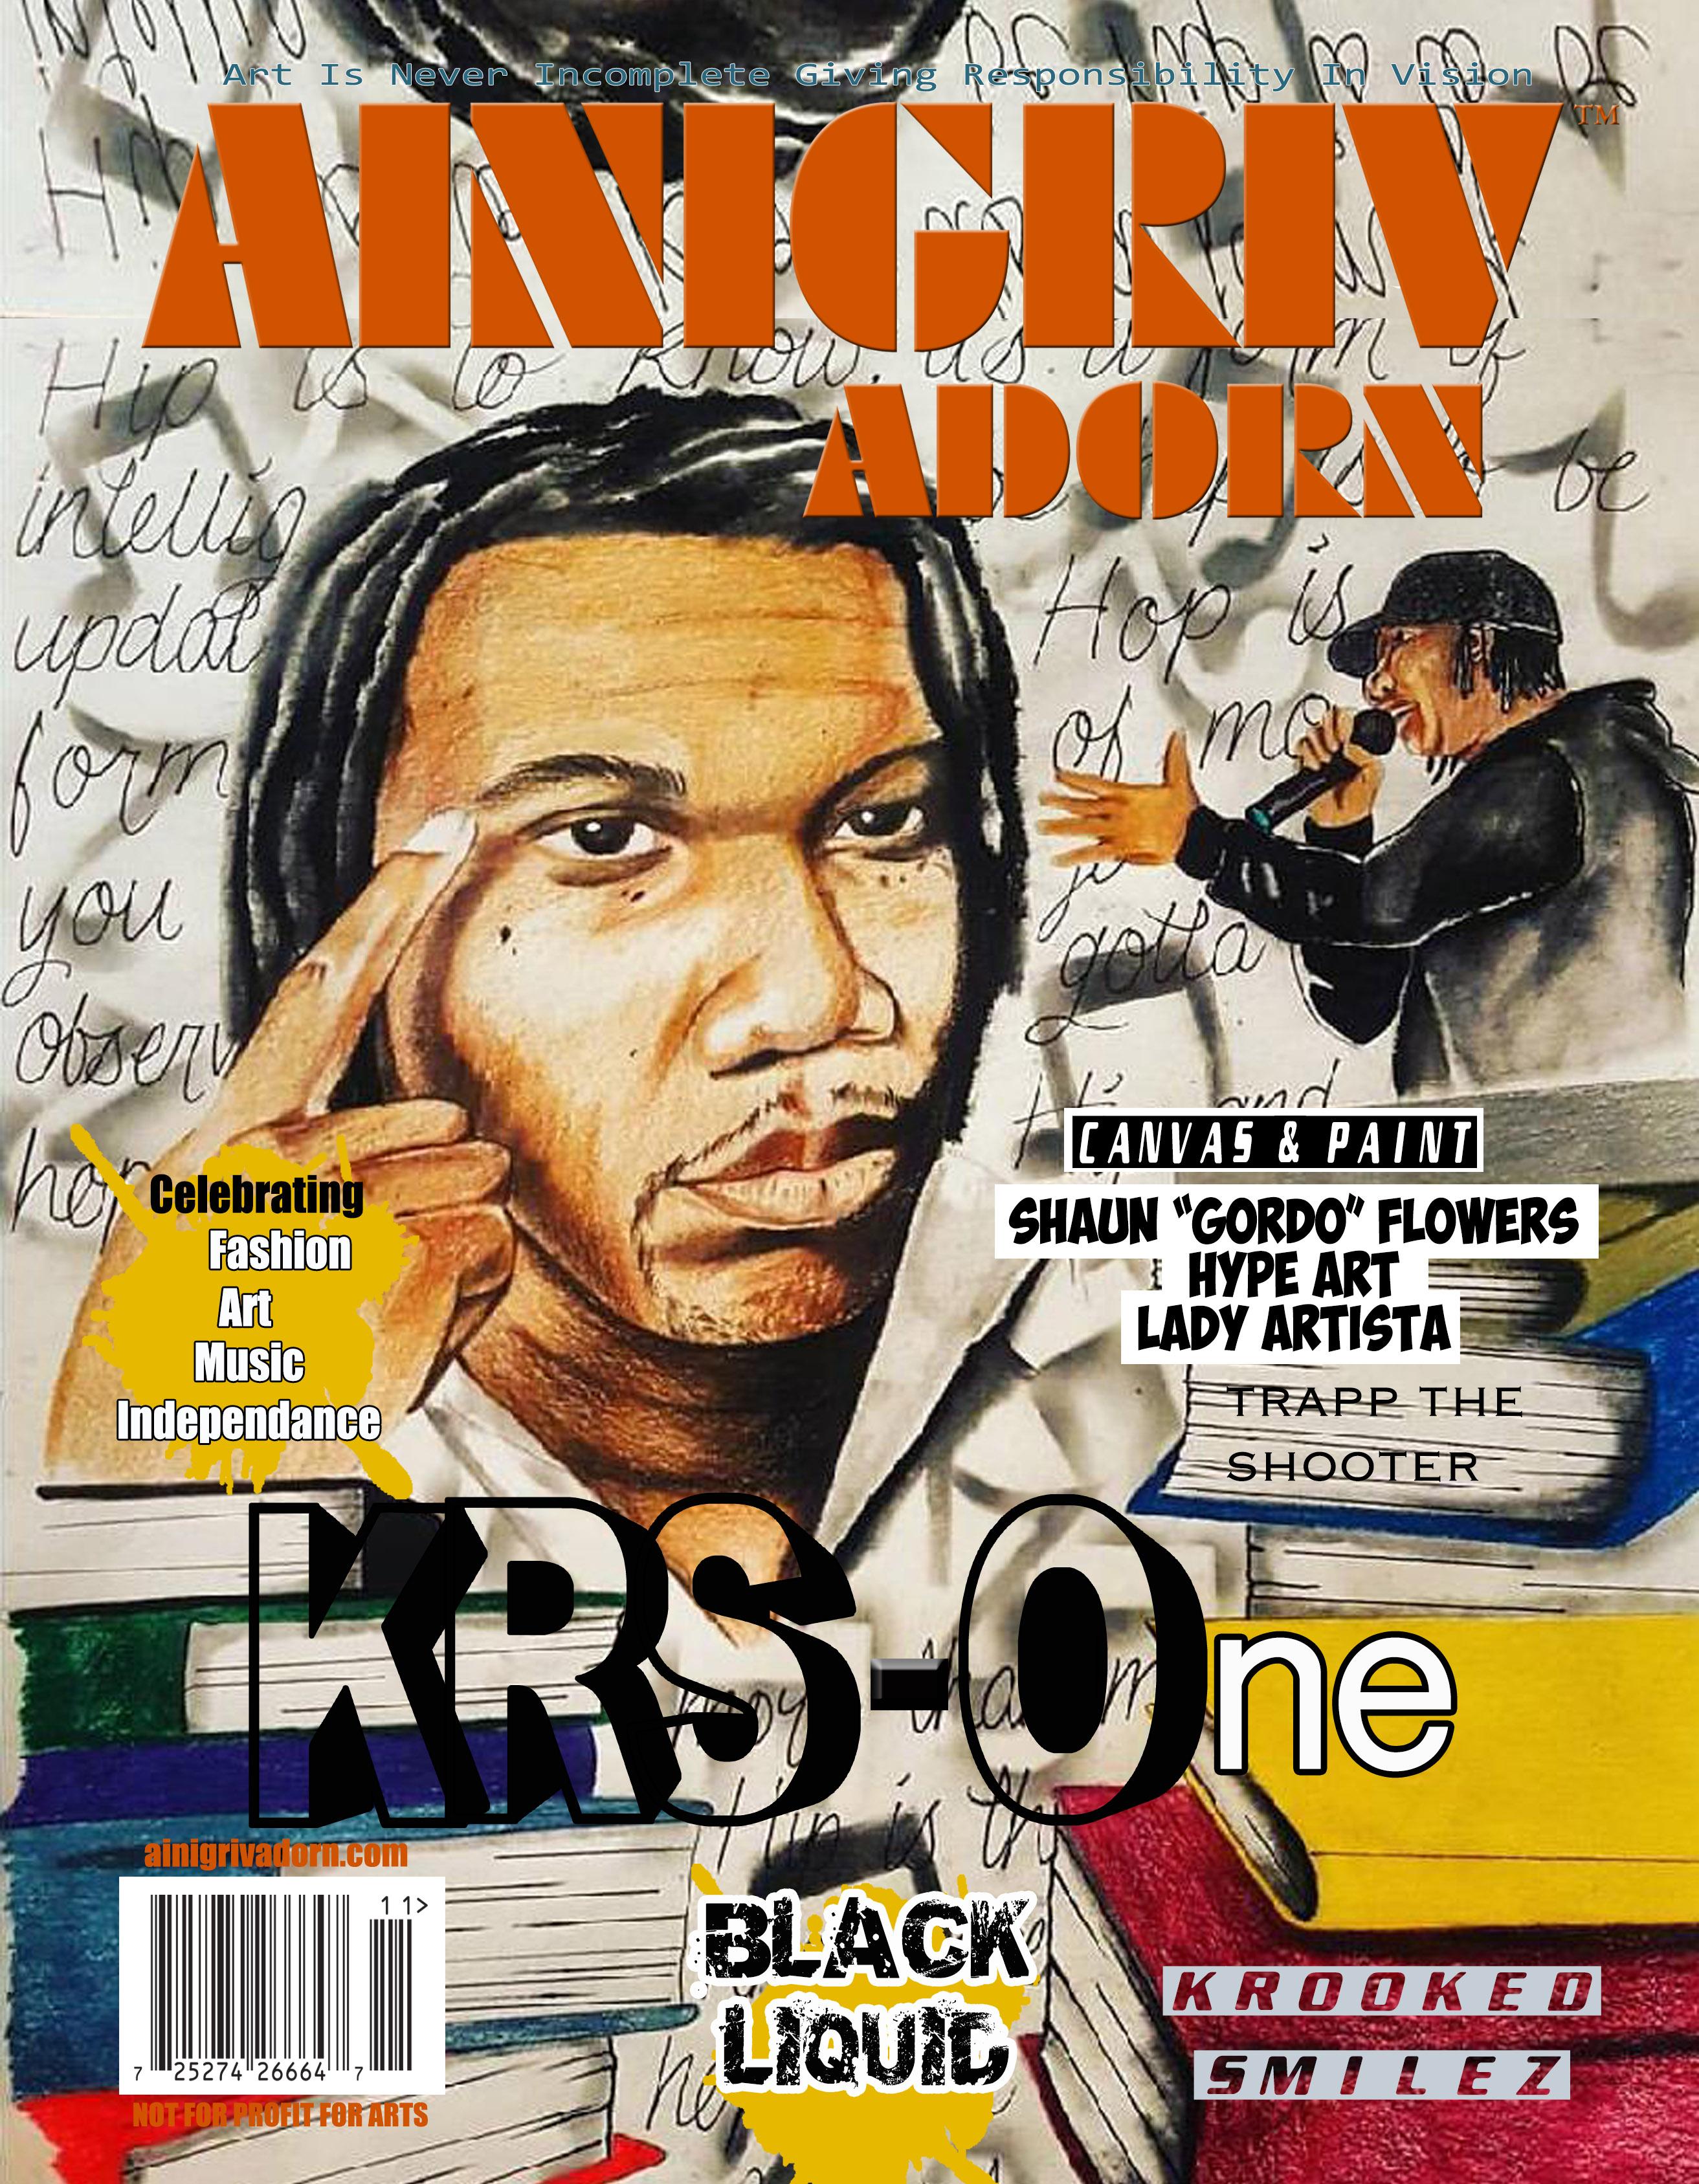 AINIGRIV ADORN KRS 1 COVER